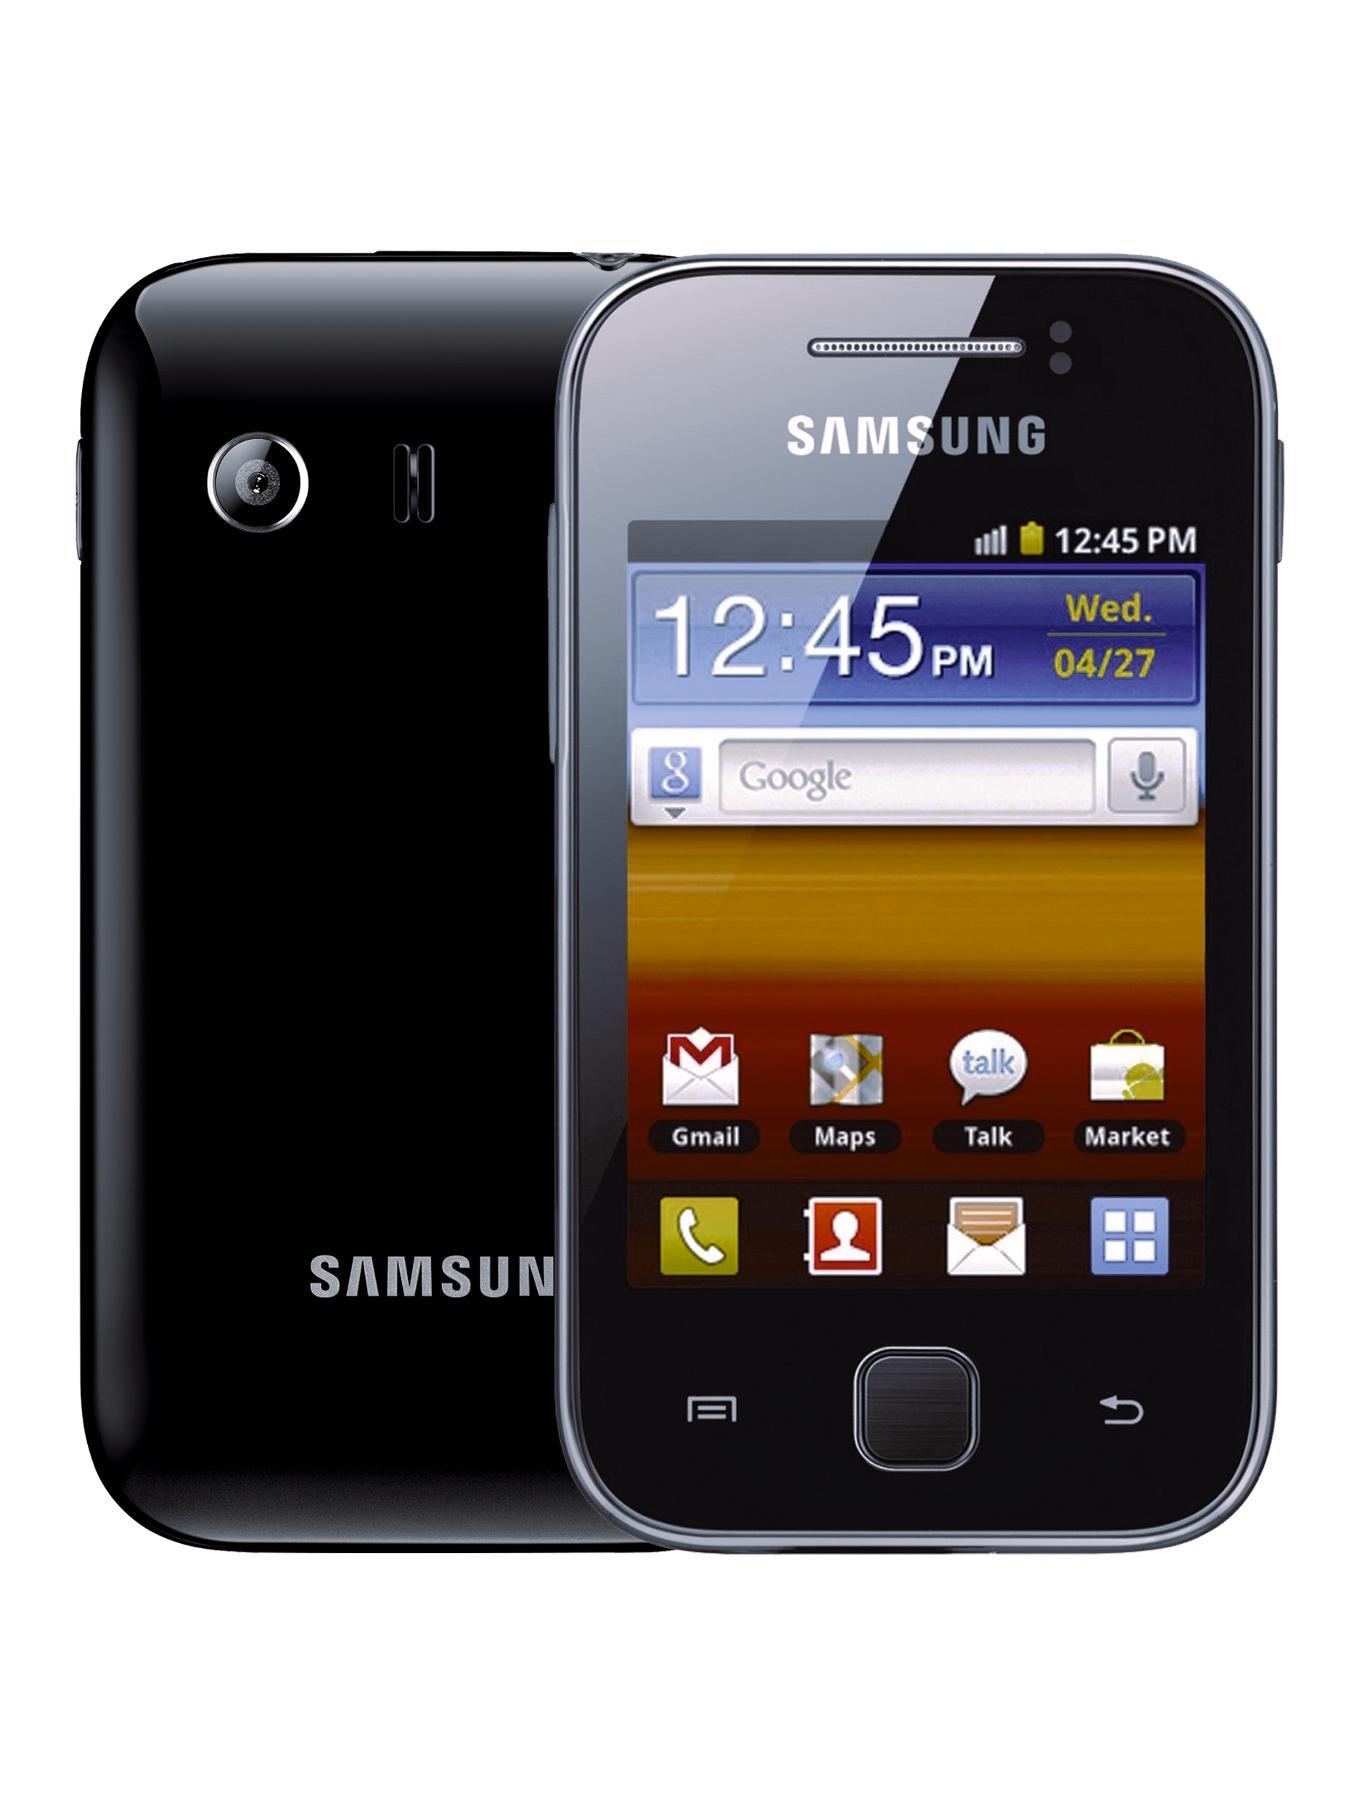 Samsung Galaxy Y Smartphone - Black, Black